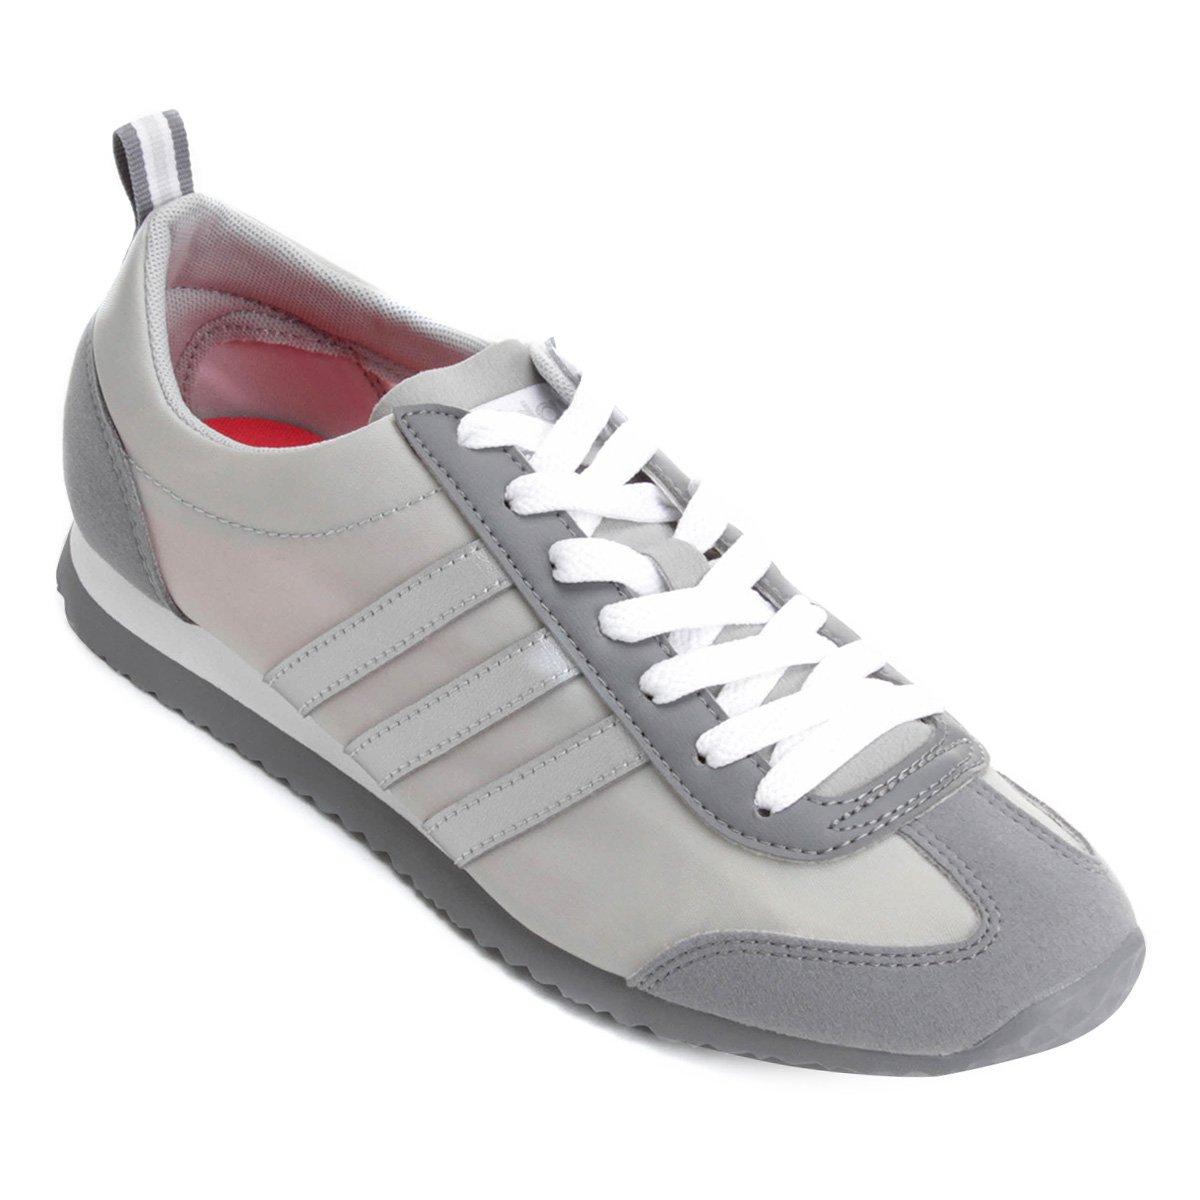 97f188e542 Tênis Adidas Vs Jog Feminino - Compre Agora